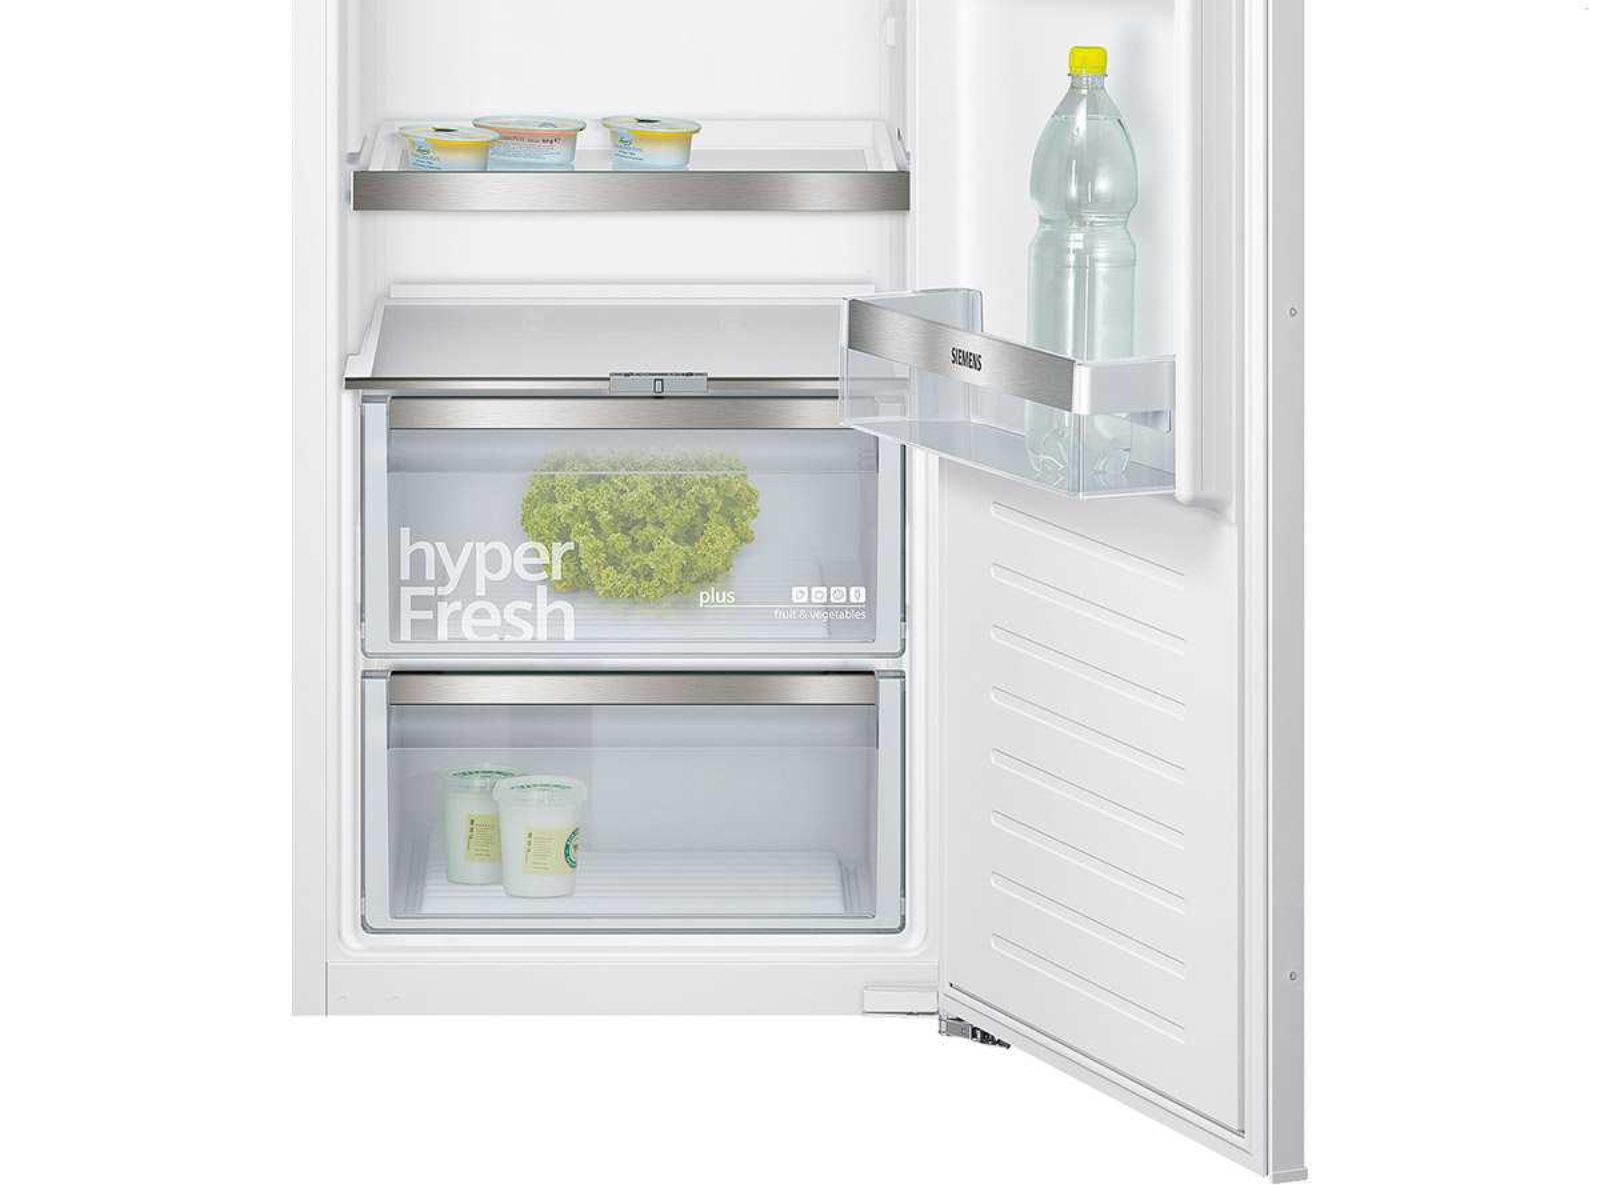 Siemens Kühlschrank Alarm Ausschalten : Siemens ki lad einbaukühlschrank